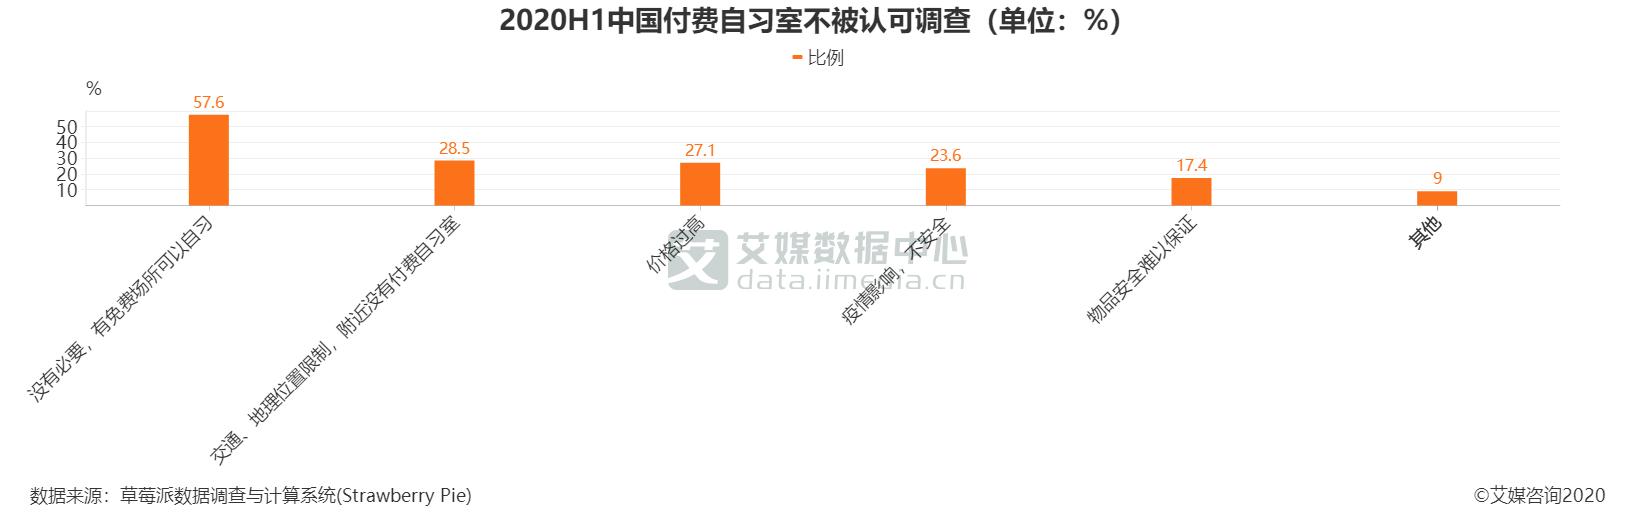 2020H1中国付费自习室不被认可调查(单位:%)